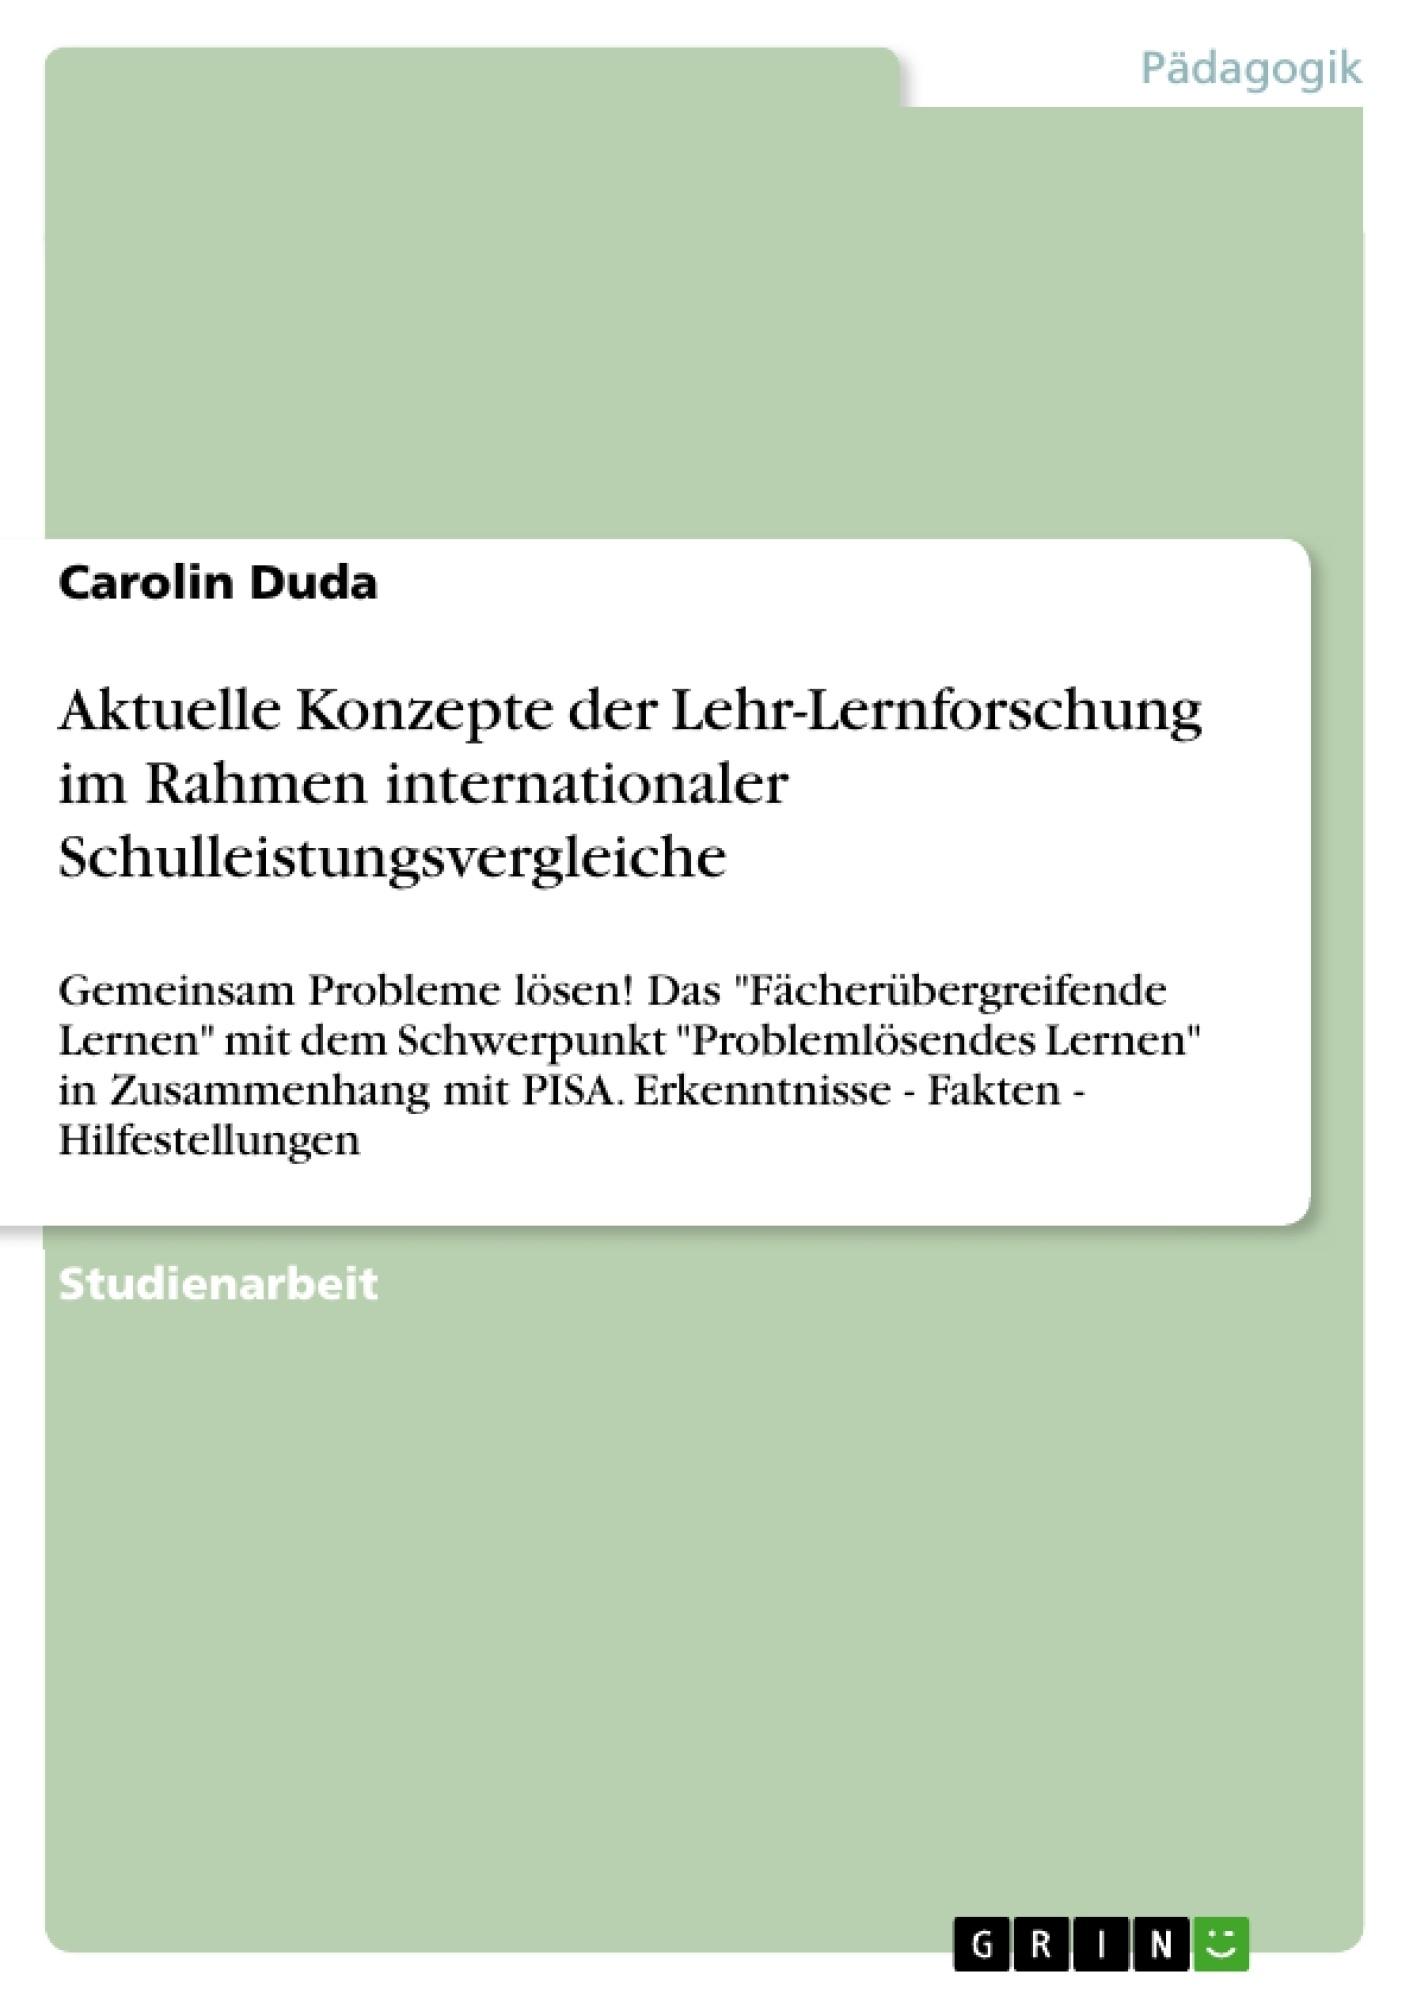 Titel: Aktuelle Konzepte der Lehr-Lernforschung im Rahmen internationaler Schulleistungsvergleiche